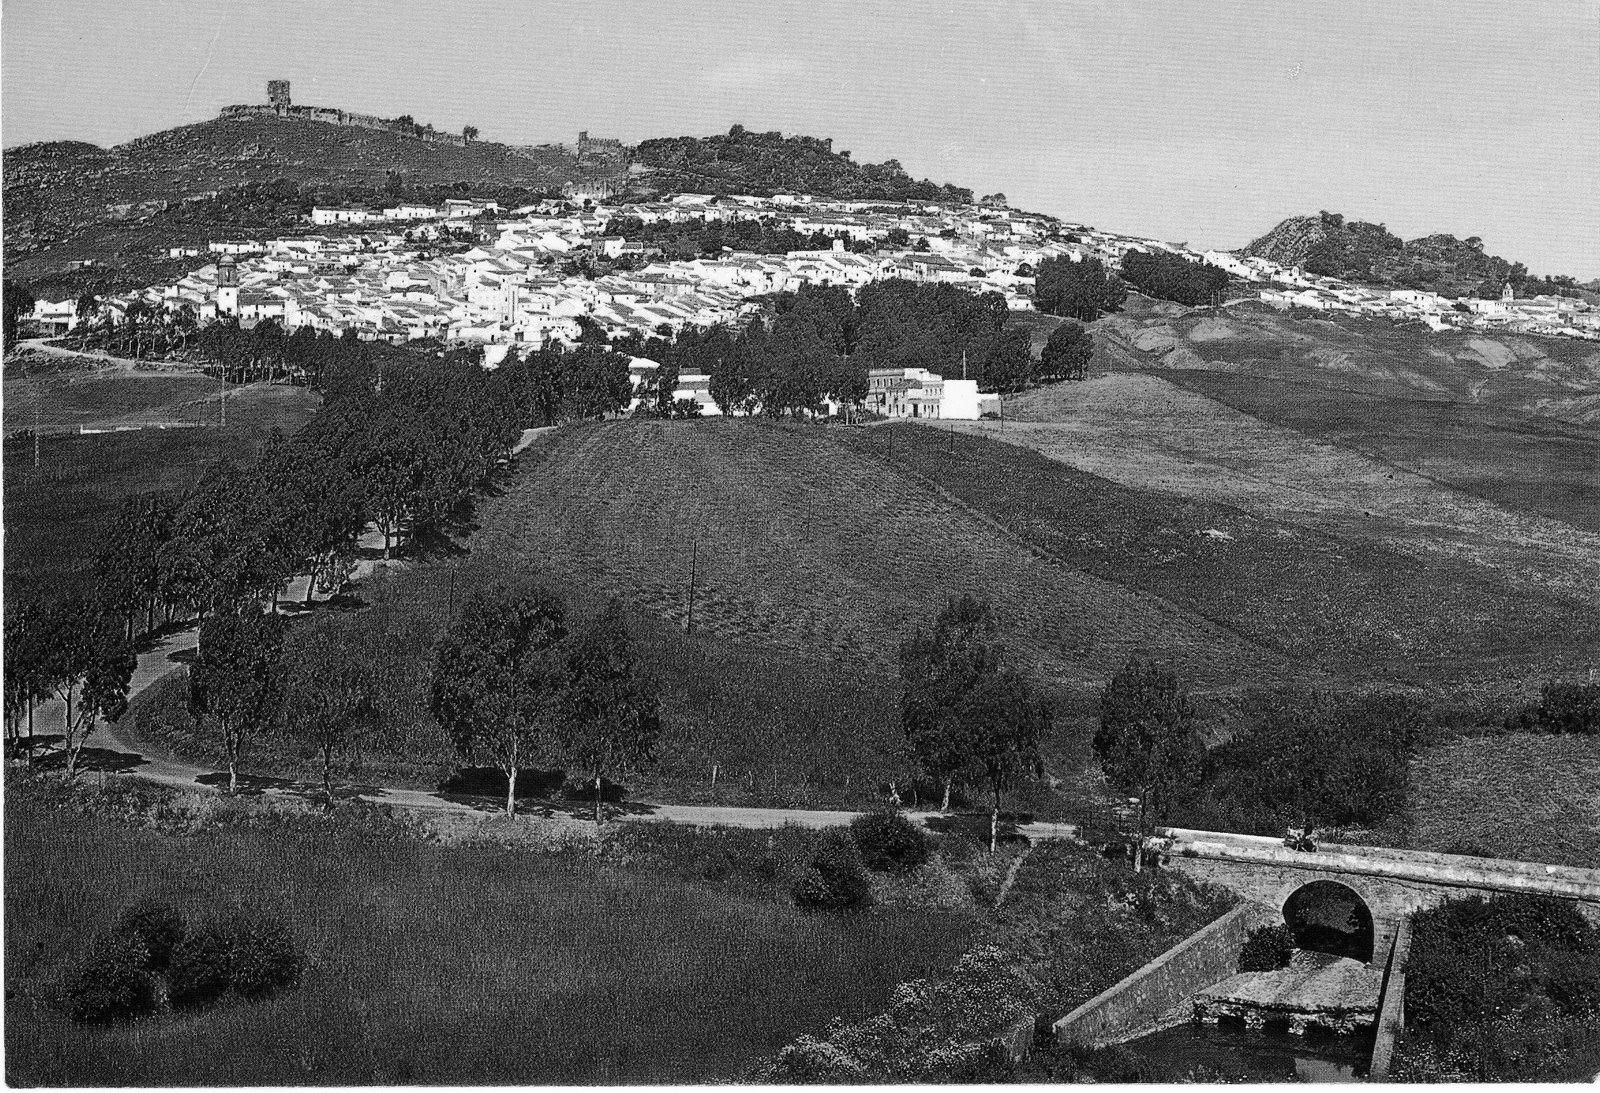 Amanecer en Jimena de la Frontera (Cádiz) Año 1961